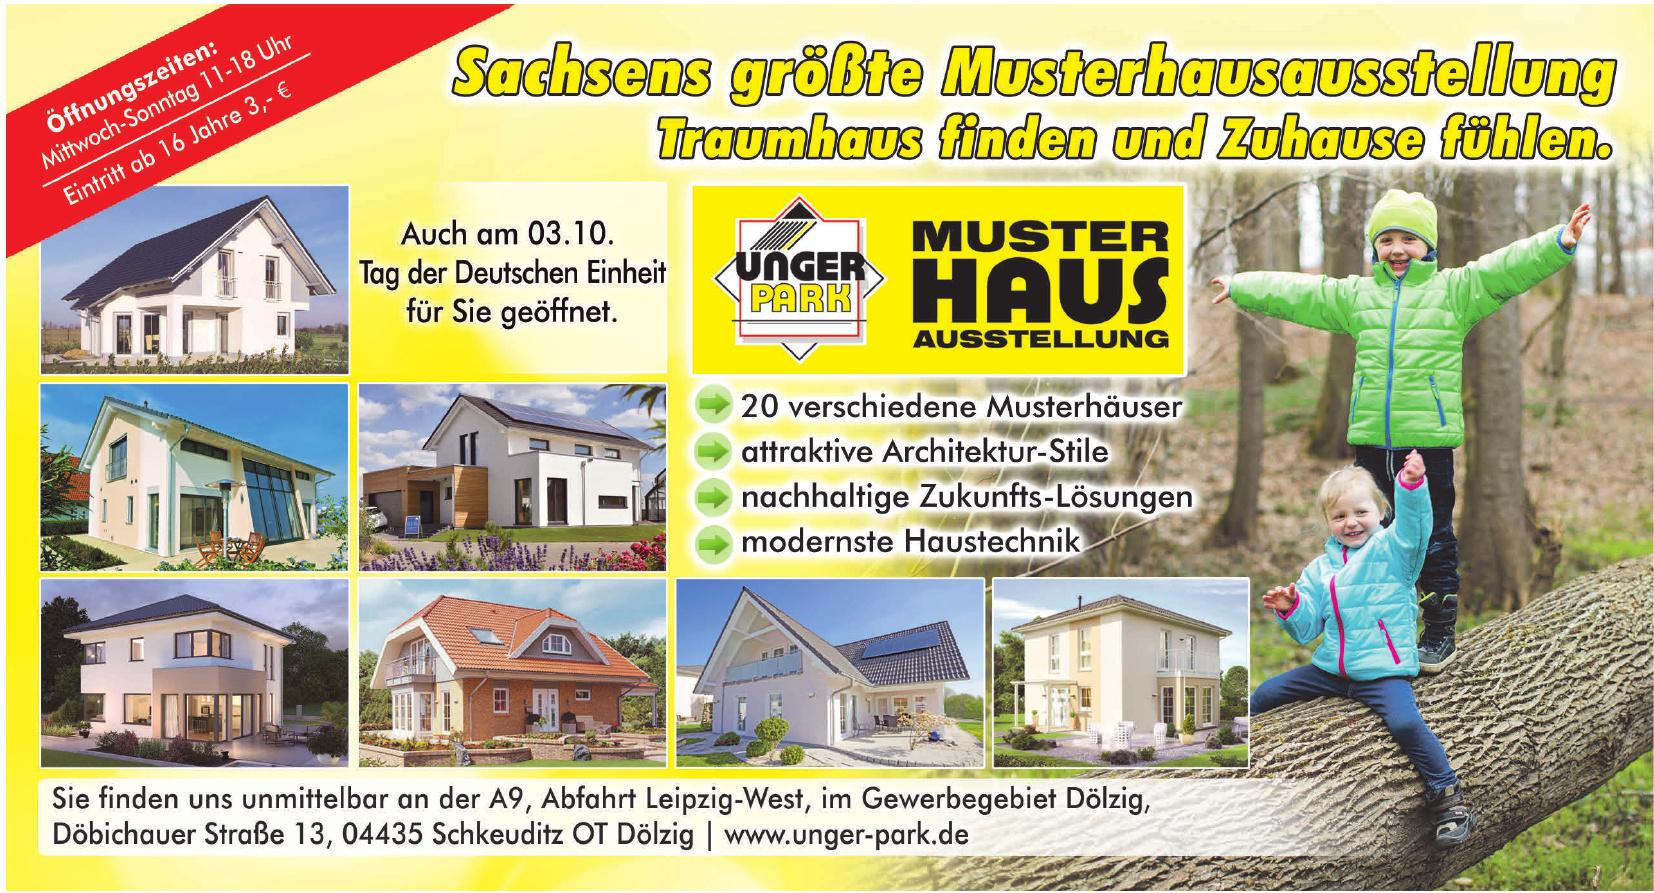 Unger Park GmbH